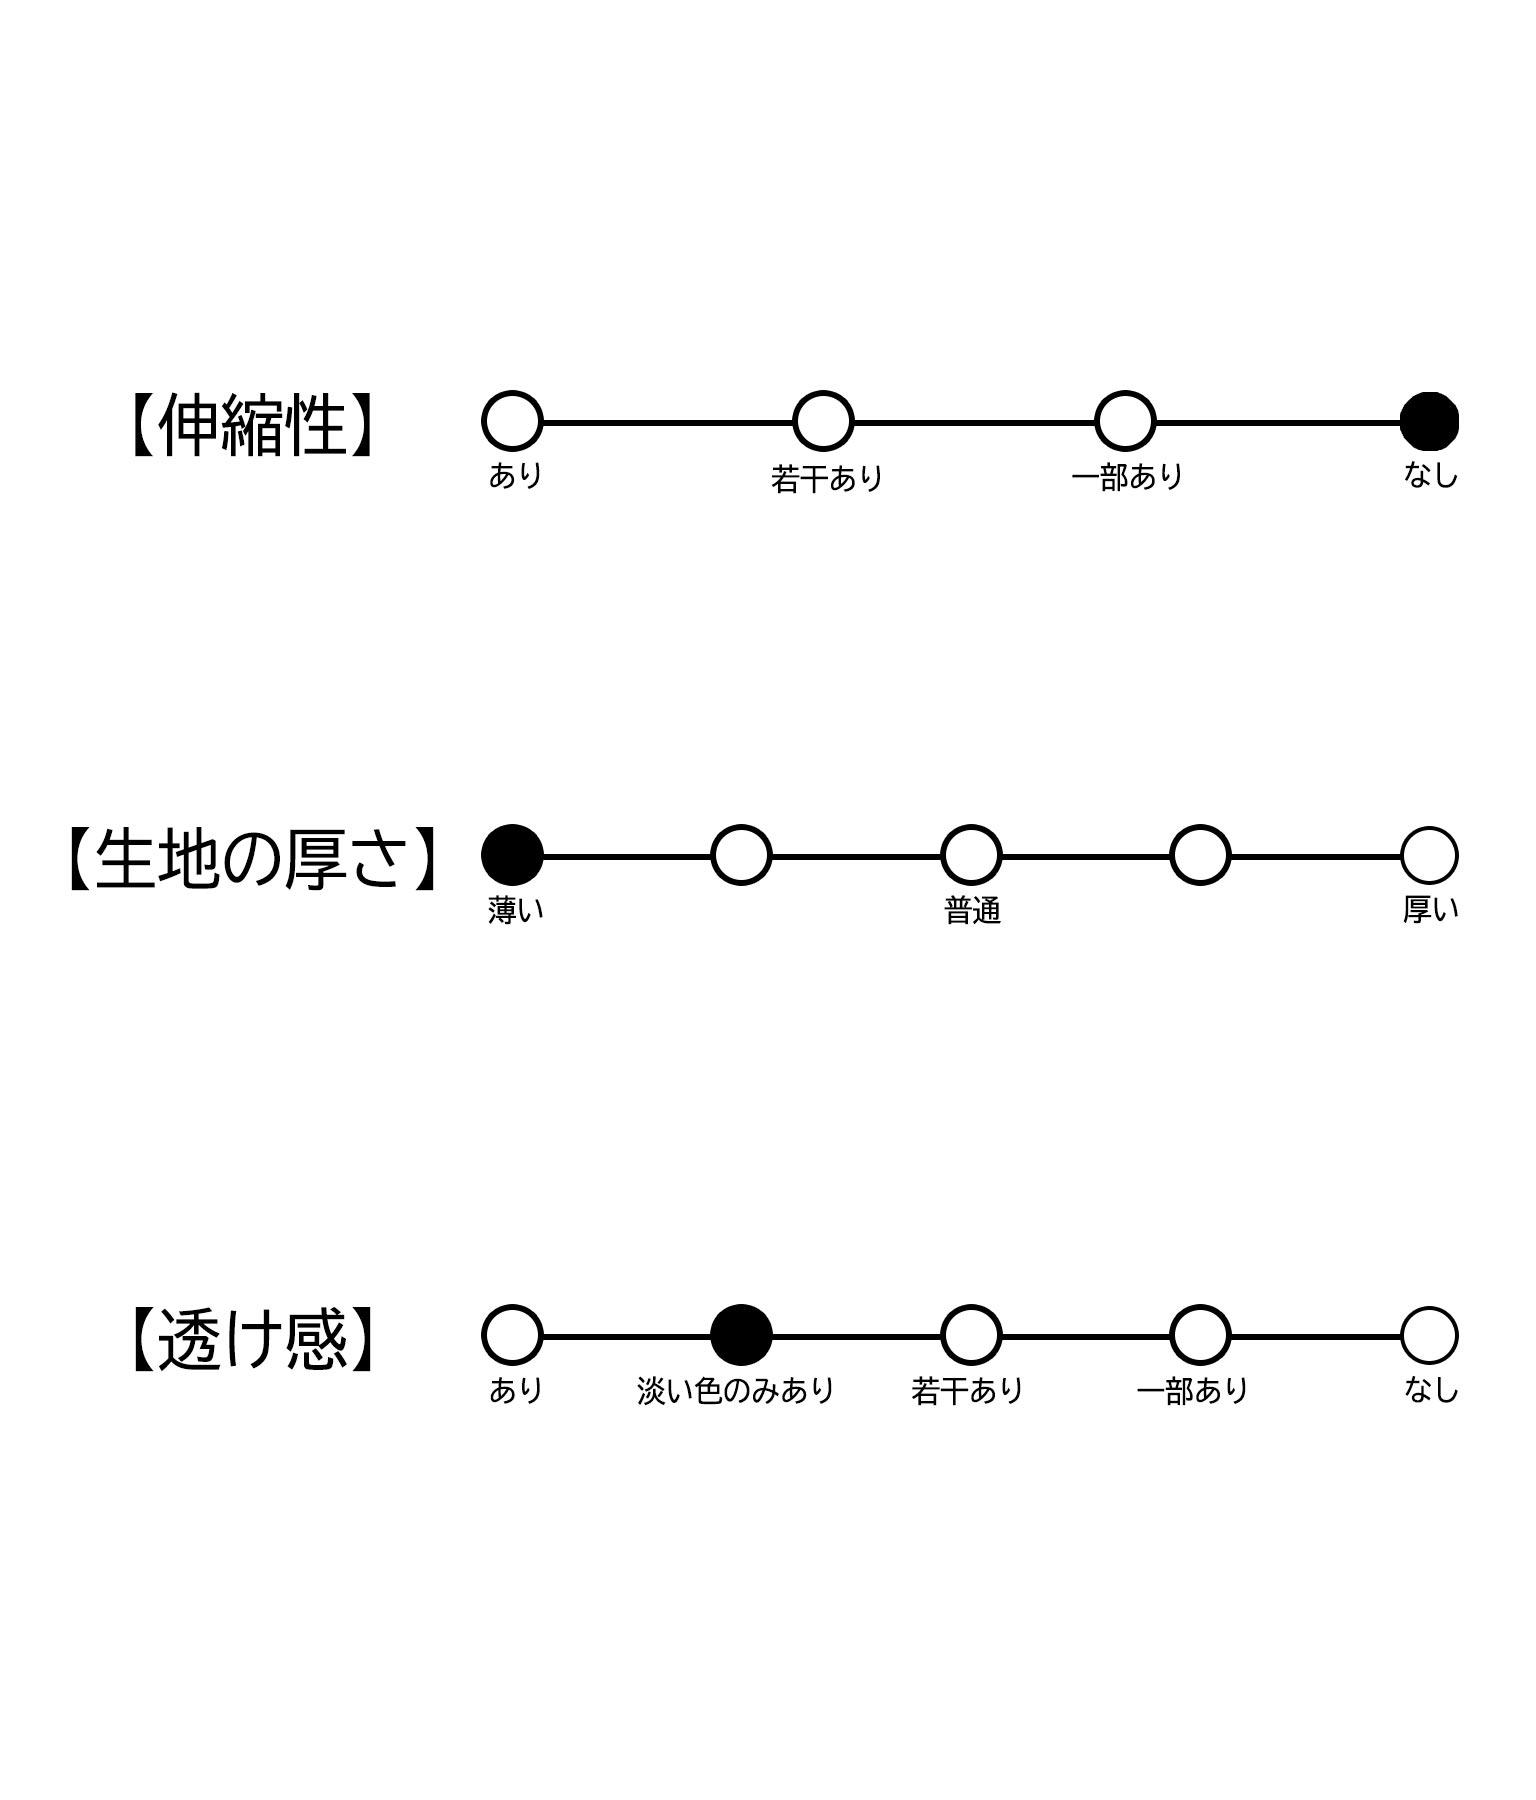 フリルポイントオールインワン(ワンピース・ドレス/サロペット/オールインワン) | CHILLE